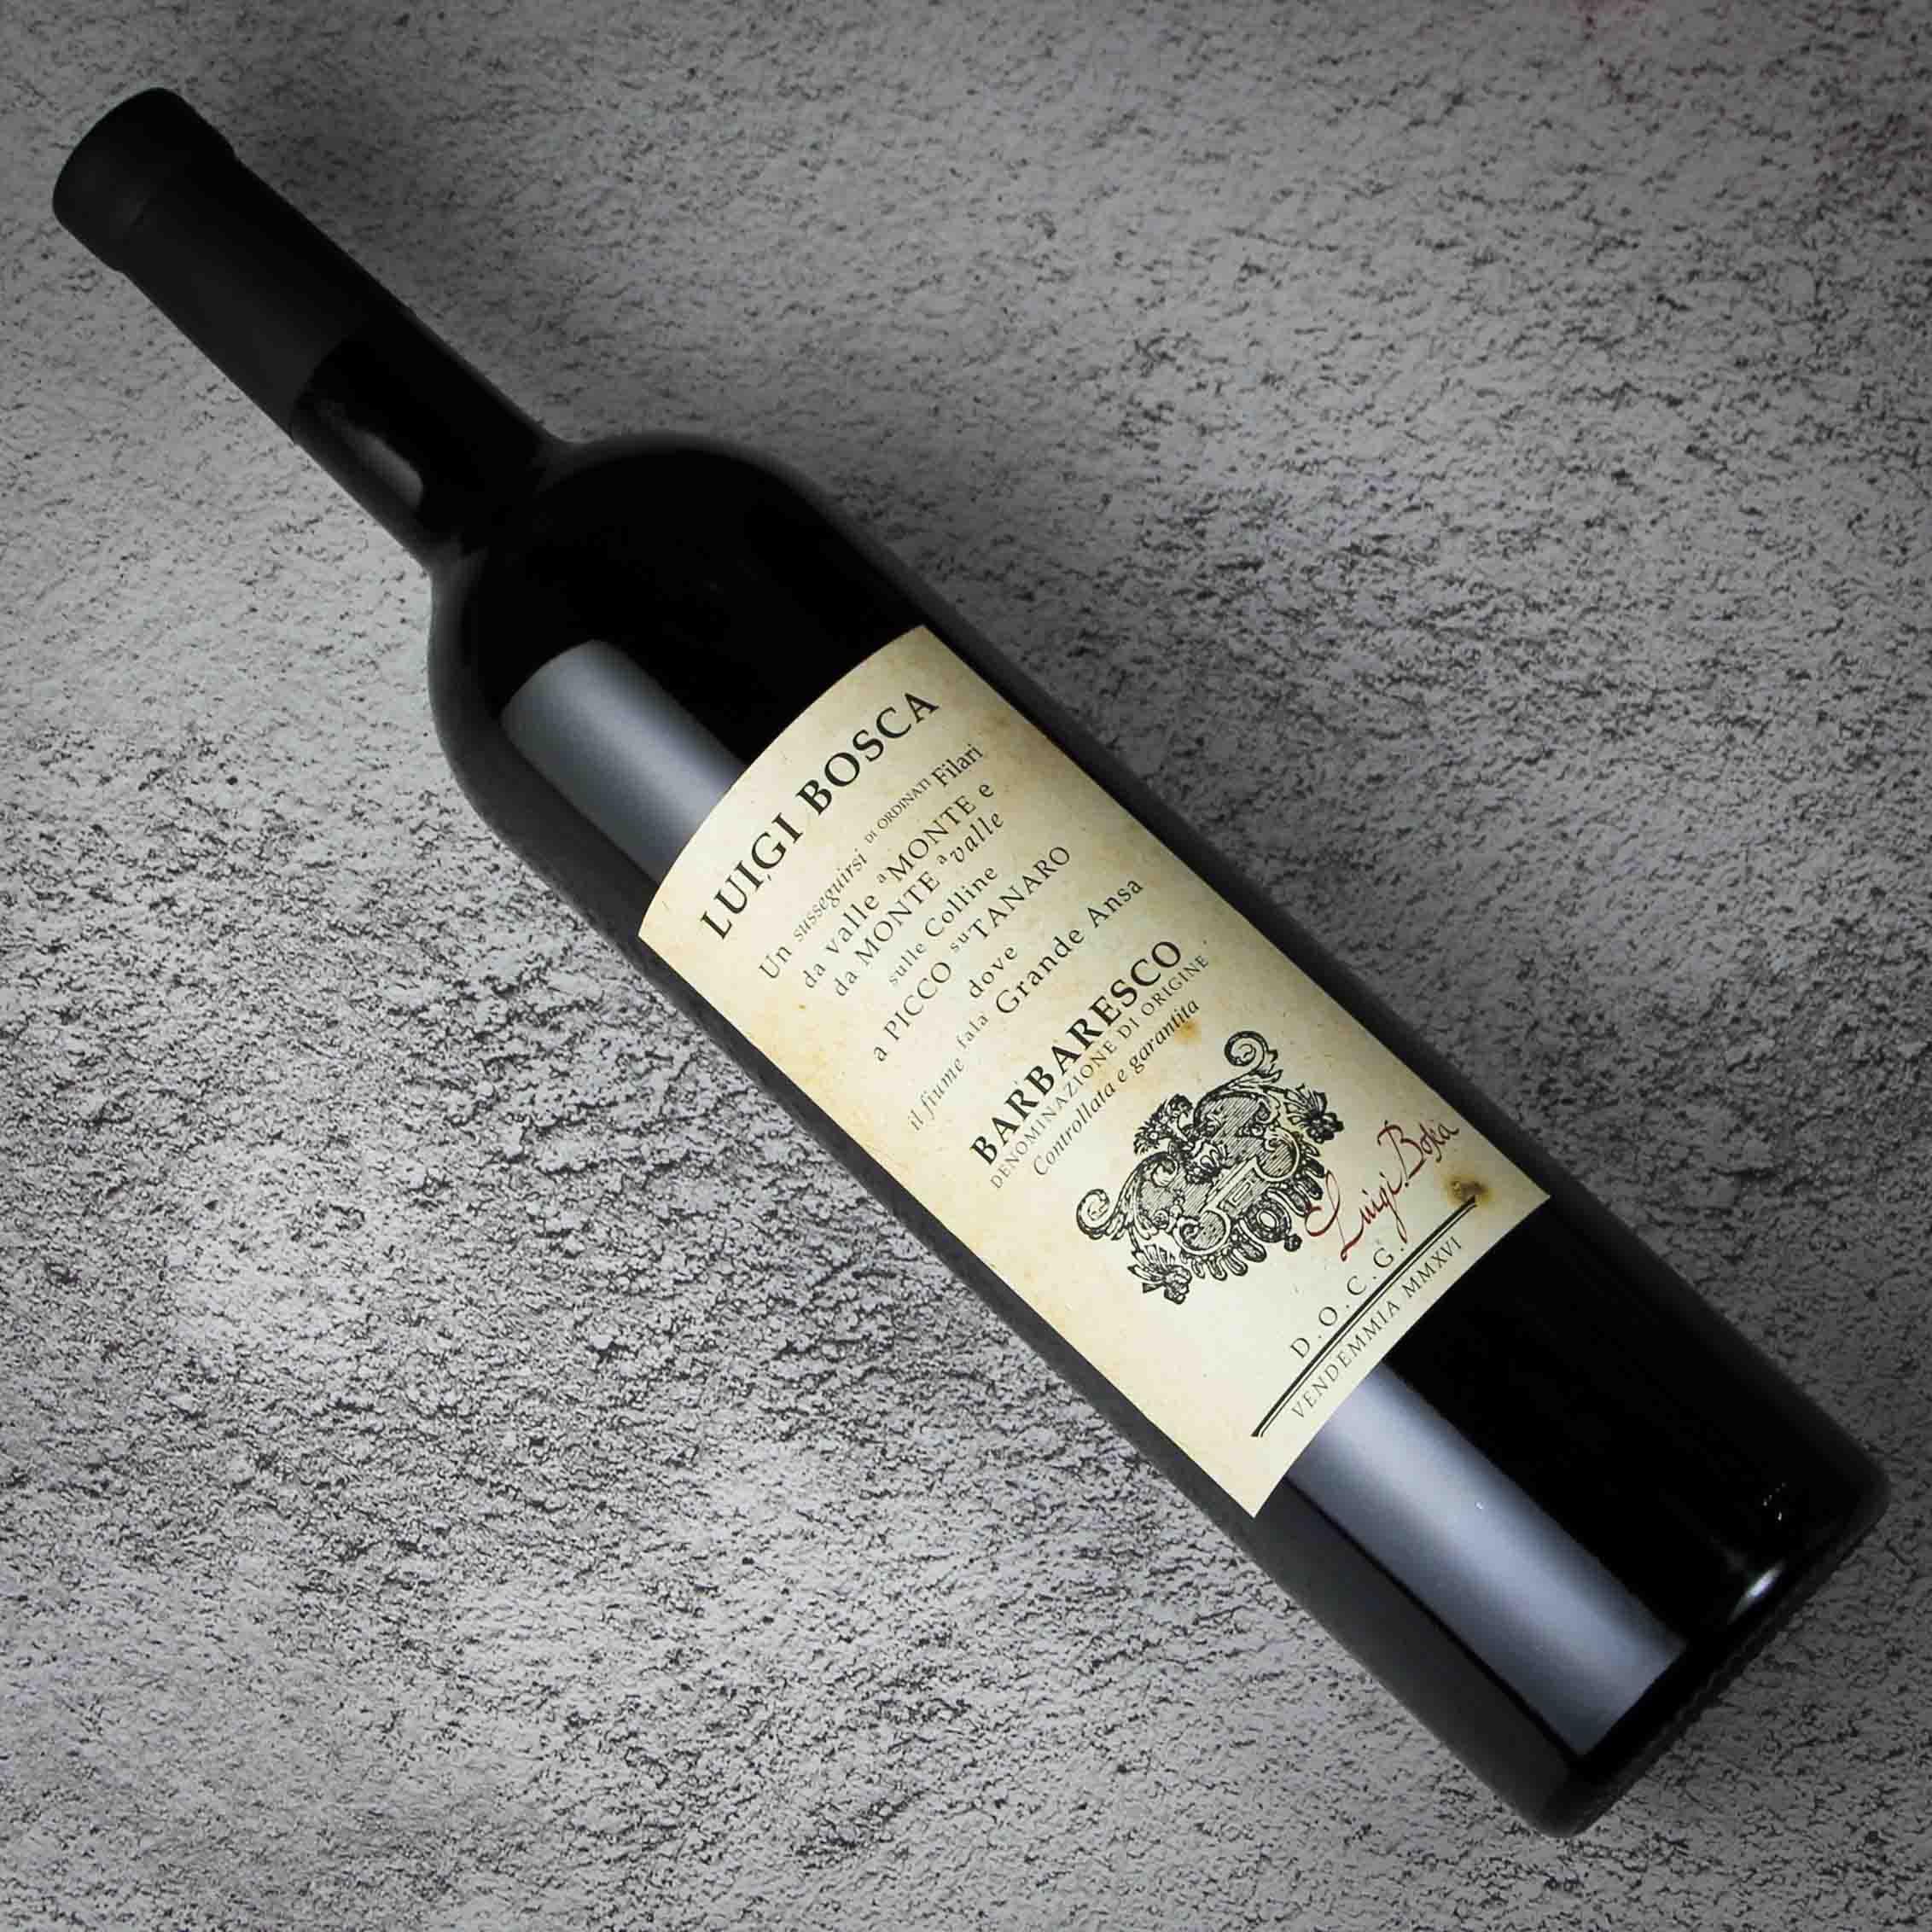 意大利皮埃蒙特佰世嘉巴巴莱斯科红葡萄酒